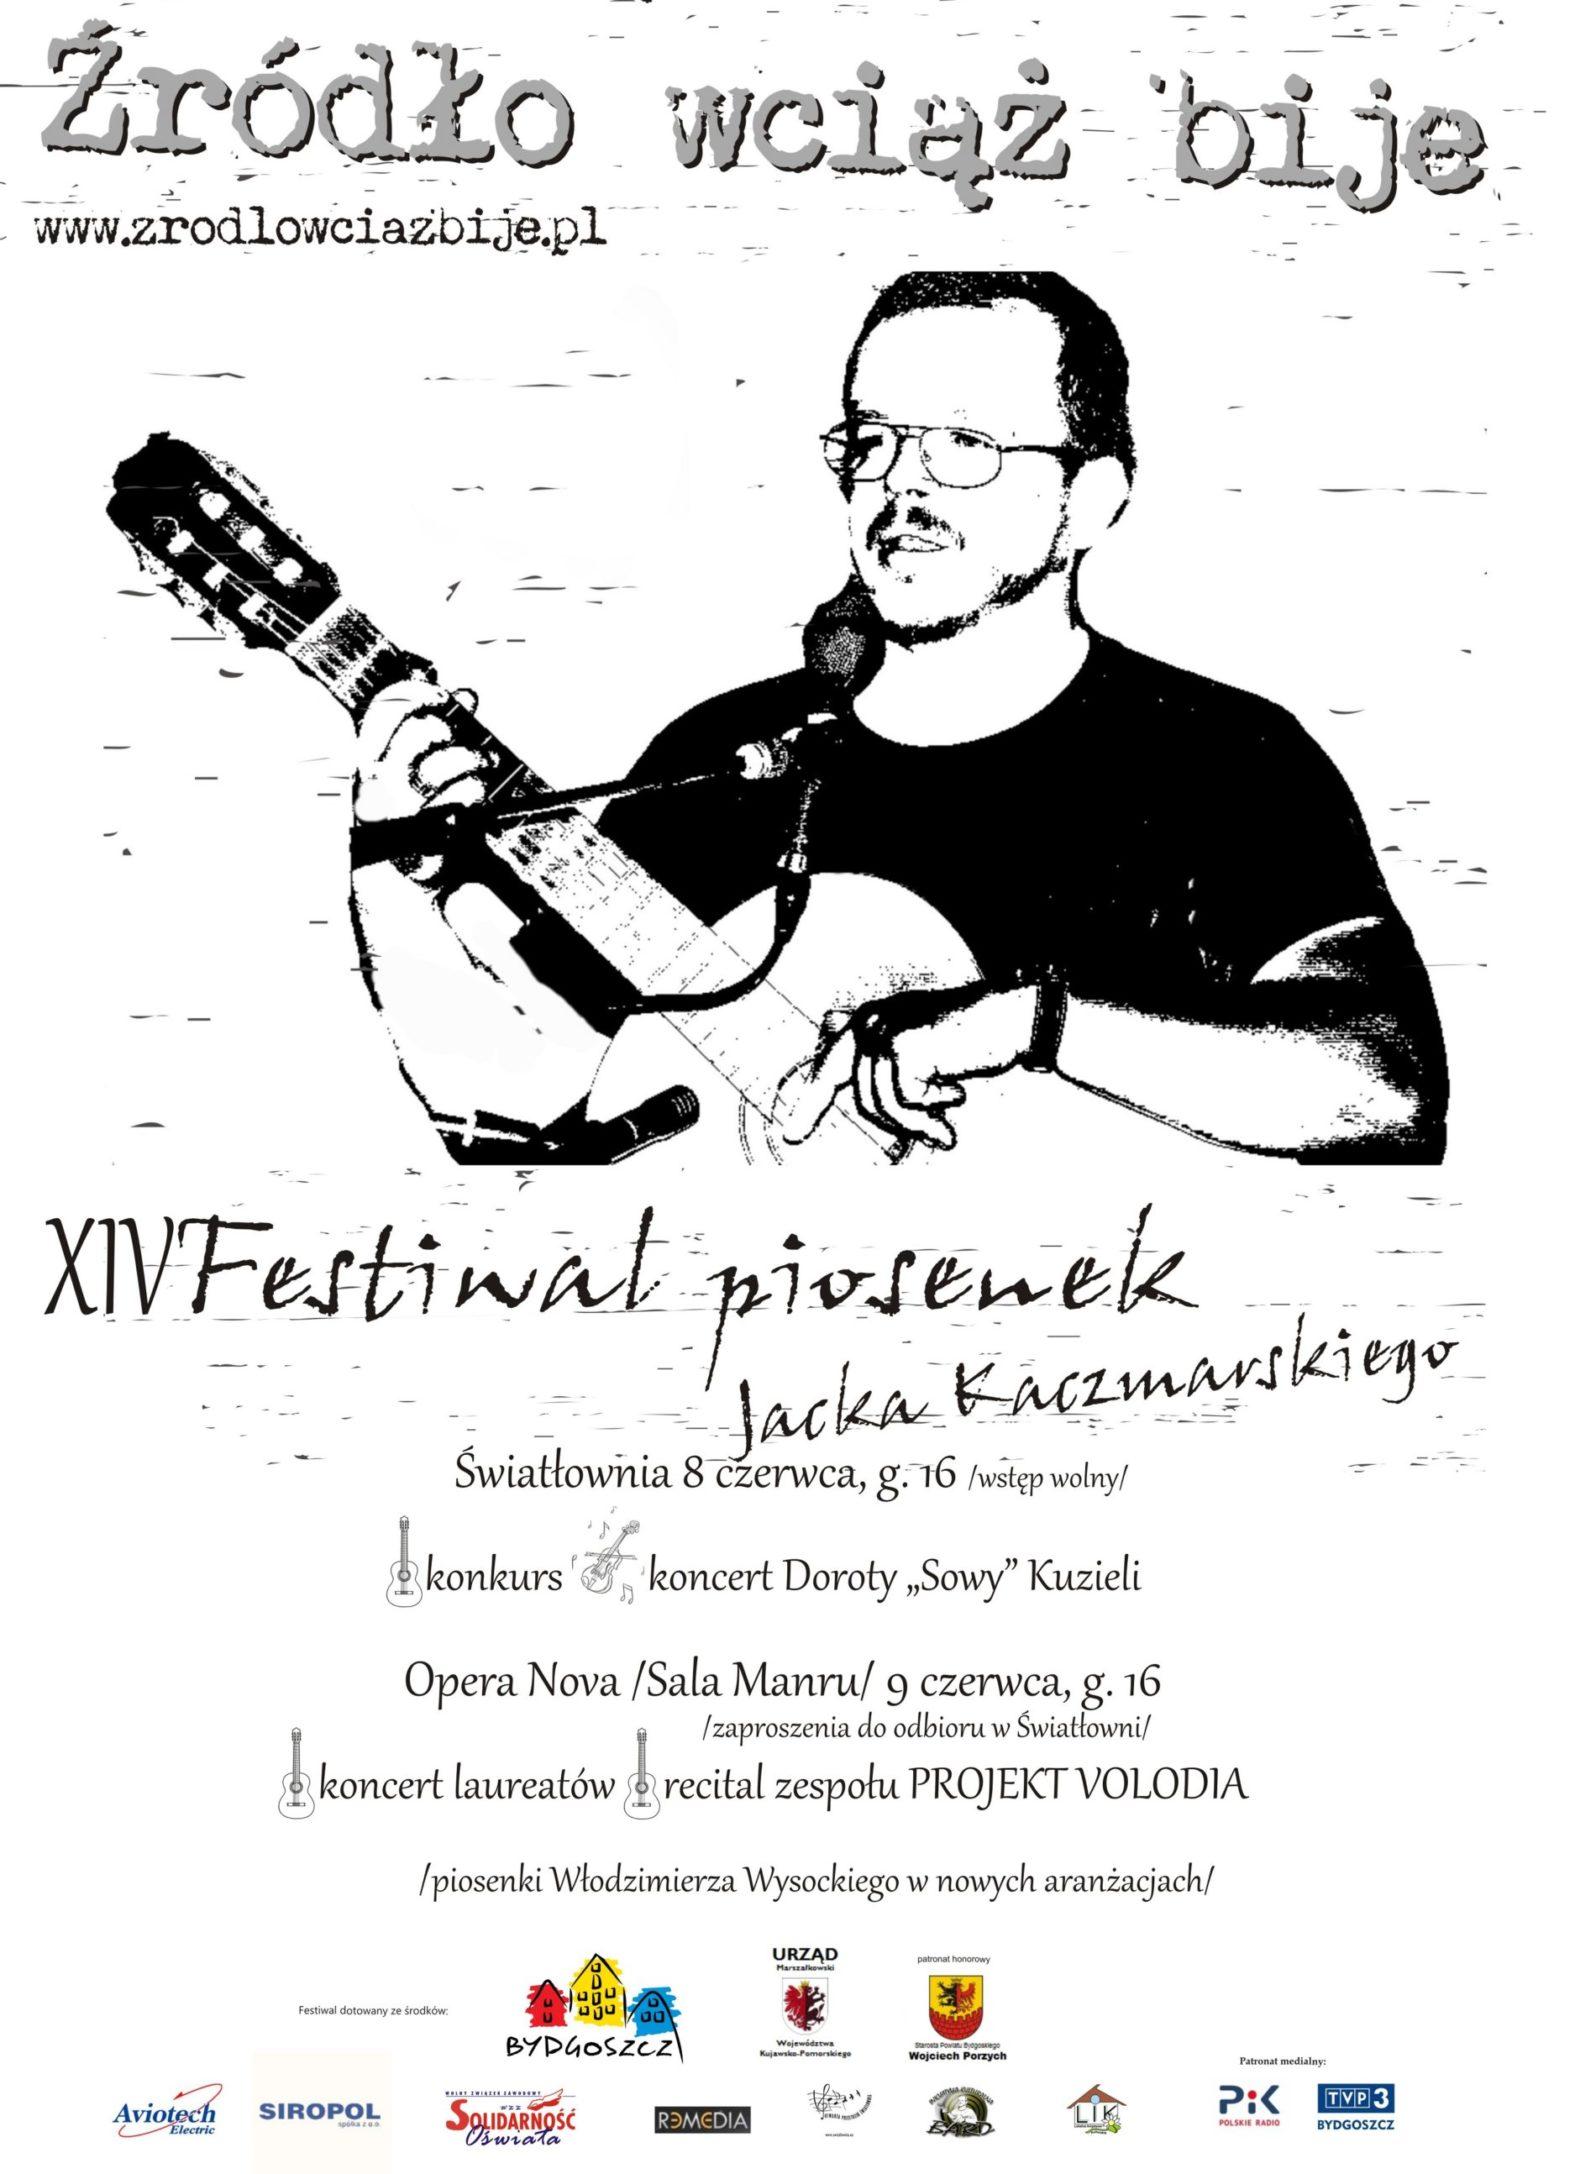 Plakat XIV Festiwalu piosenek Jacka Kaczmarskiego